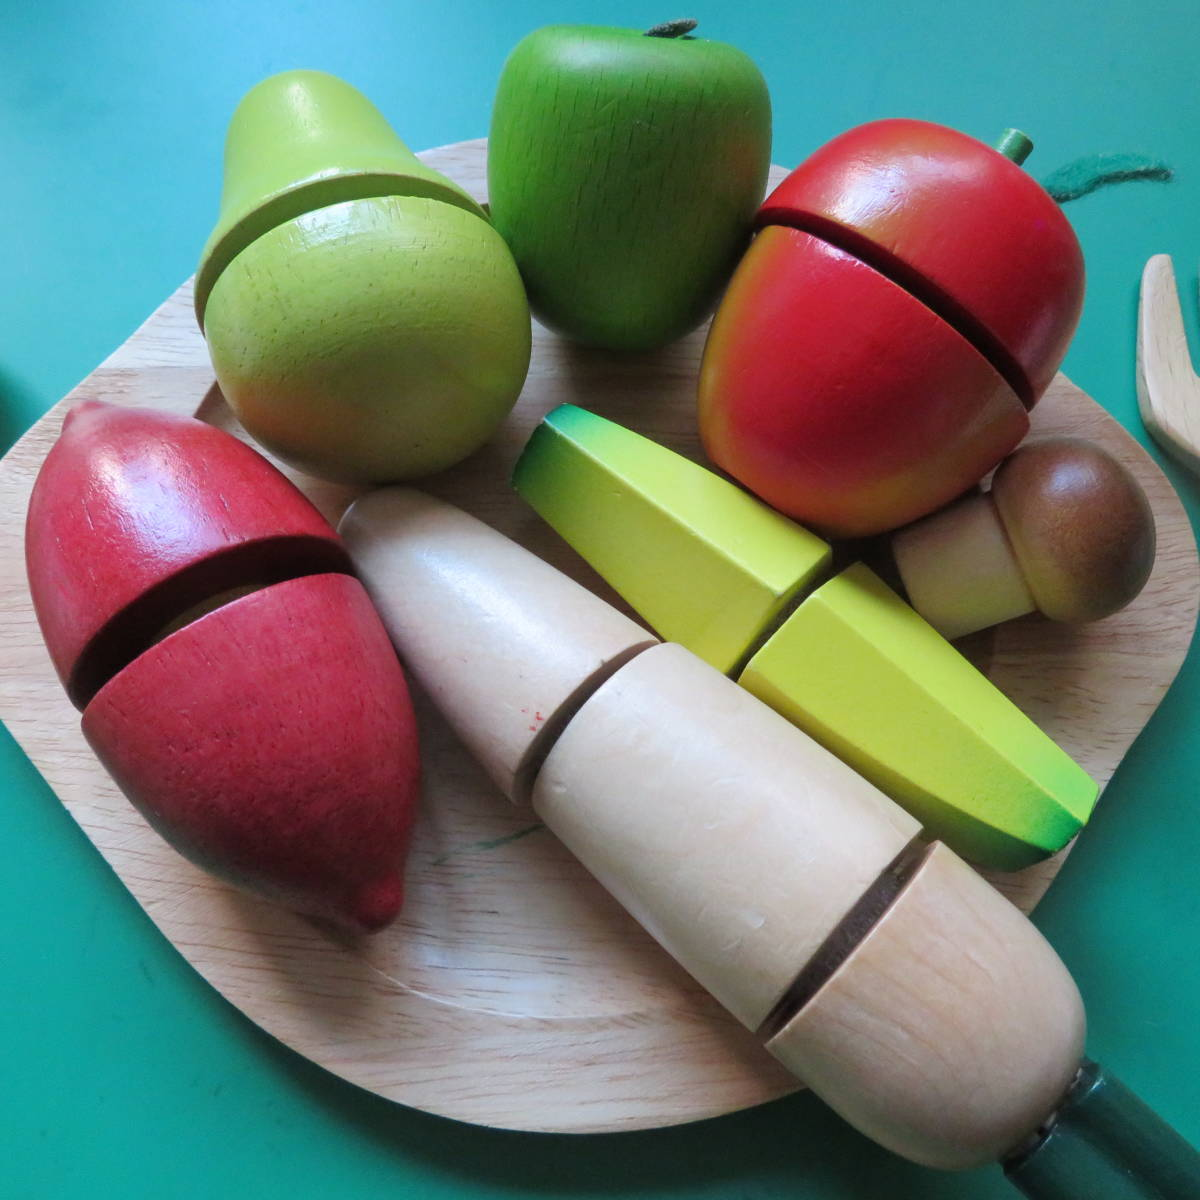 ★USED★ ACTUS KIDS 木製 おままごと 果物 野菜 オブジェ 木製 サクサク 切れる 食材 フルーツ ボーネルンド 知育 食育